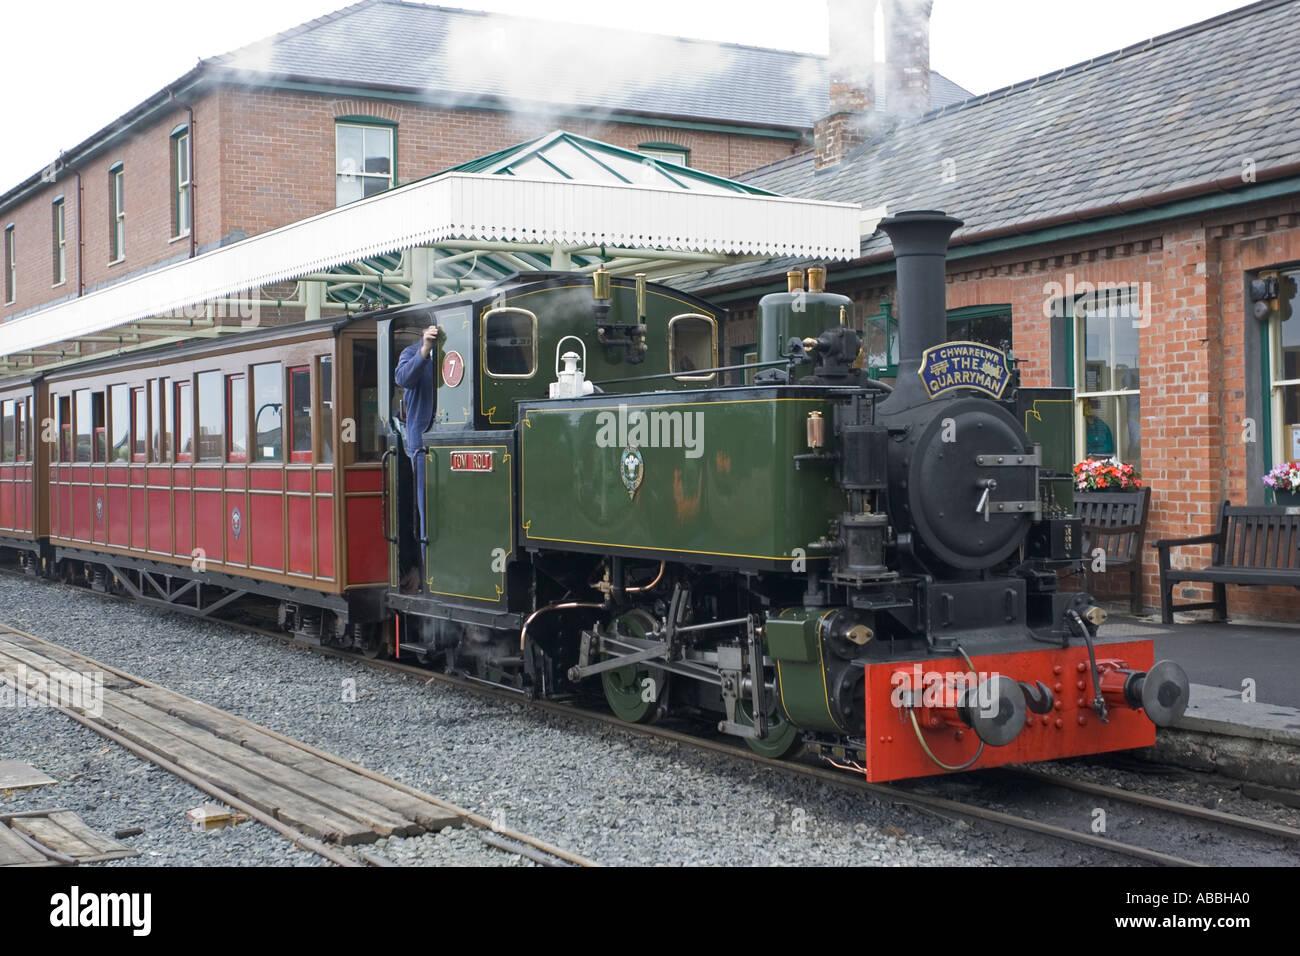 The Quarryman train at Tywyn Station on Talyllyn Narrow gauge railway North Wales UK - Stock Image